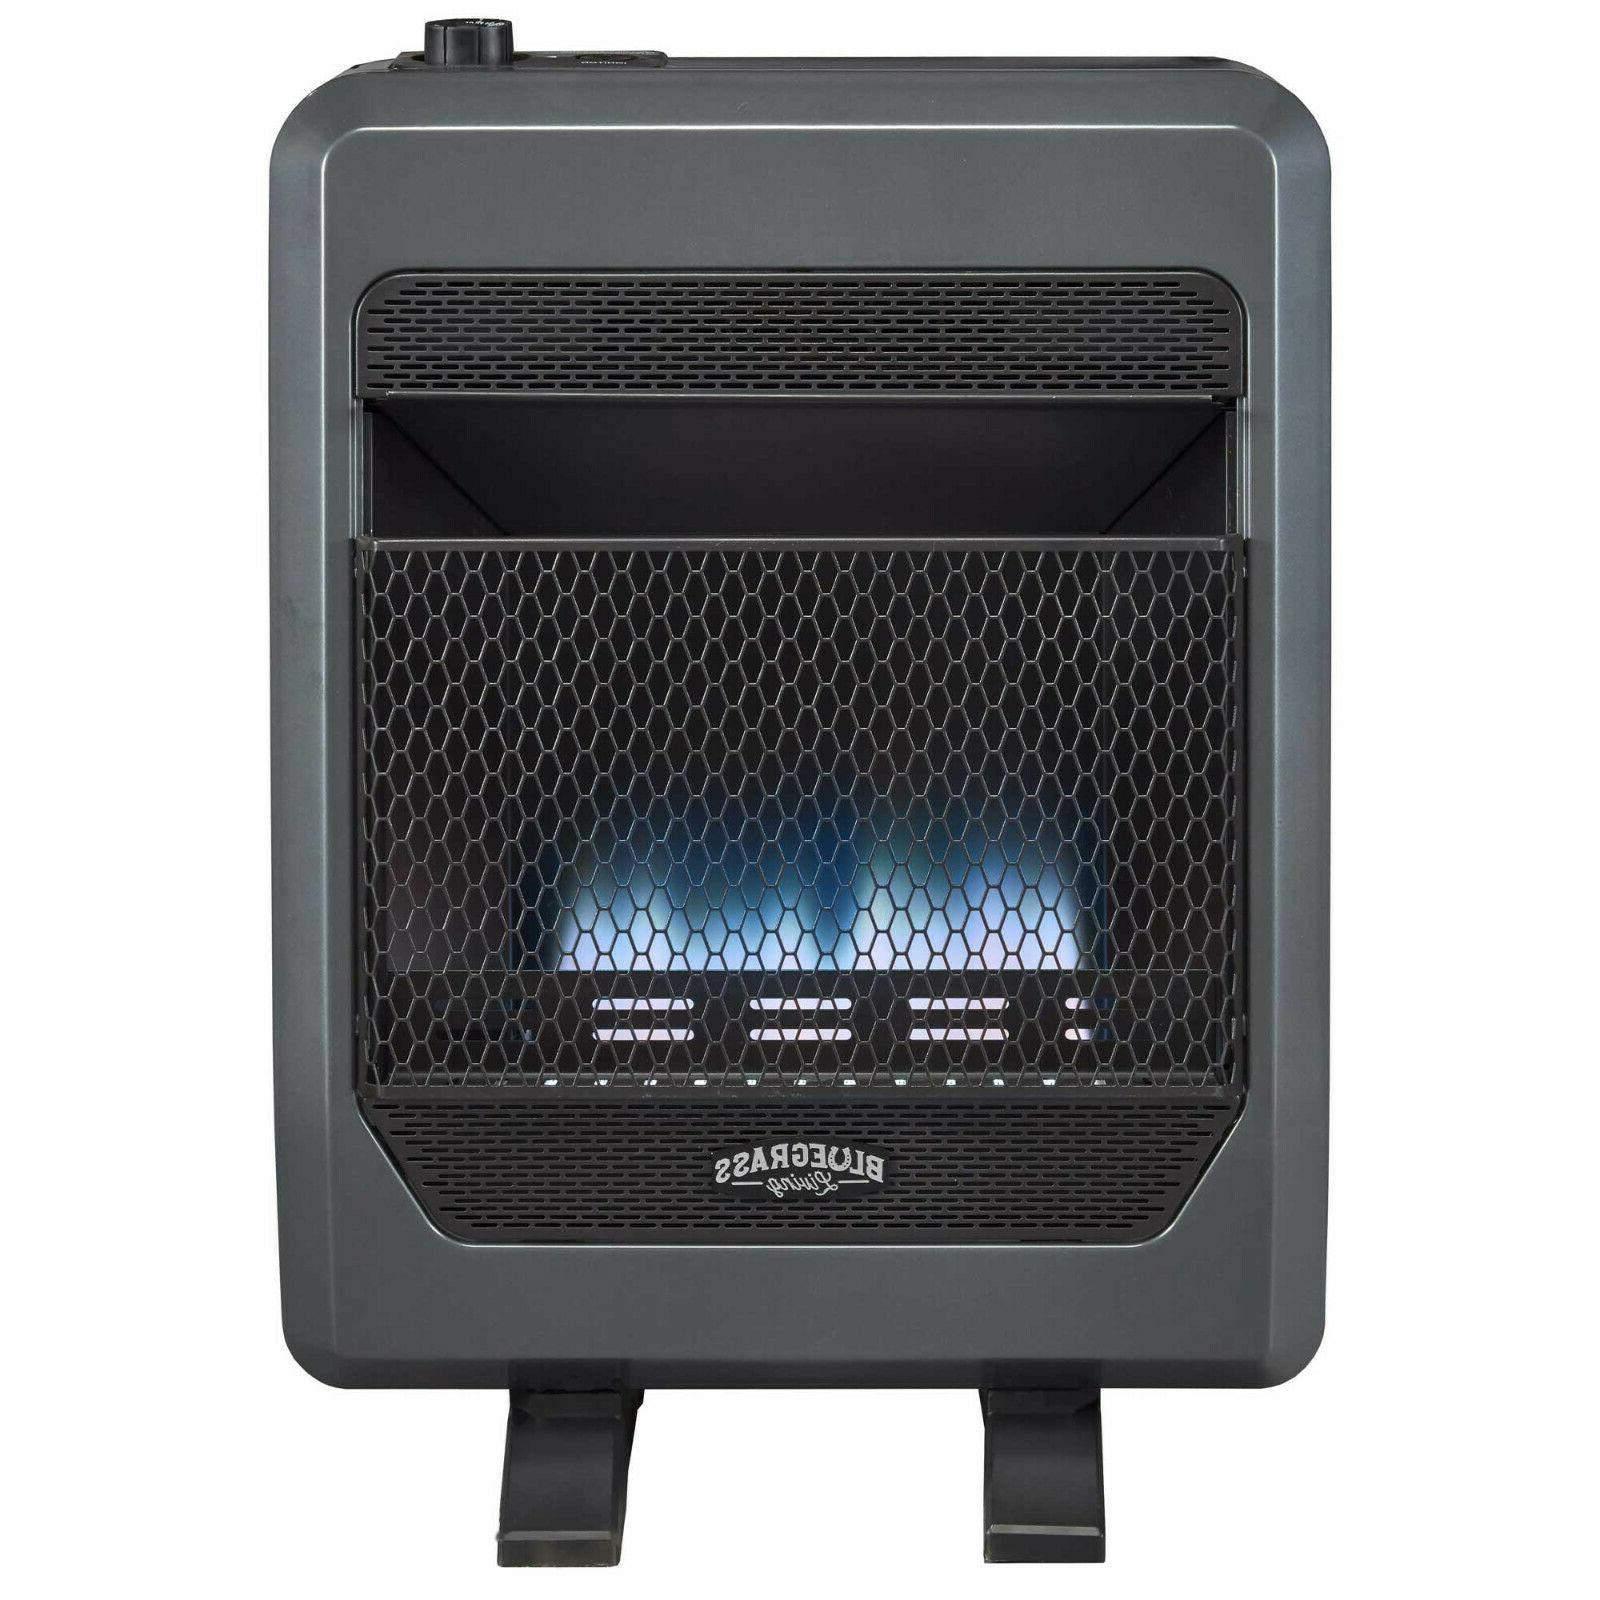 Bluegrass Gas VentFree Heater Blower and Feet